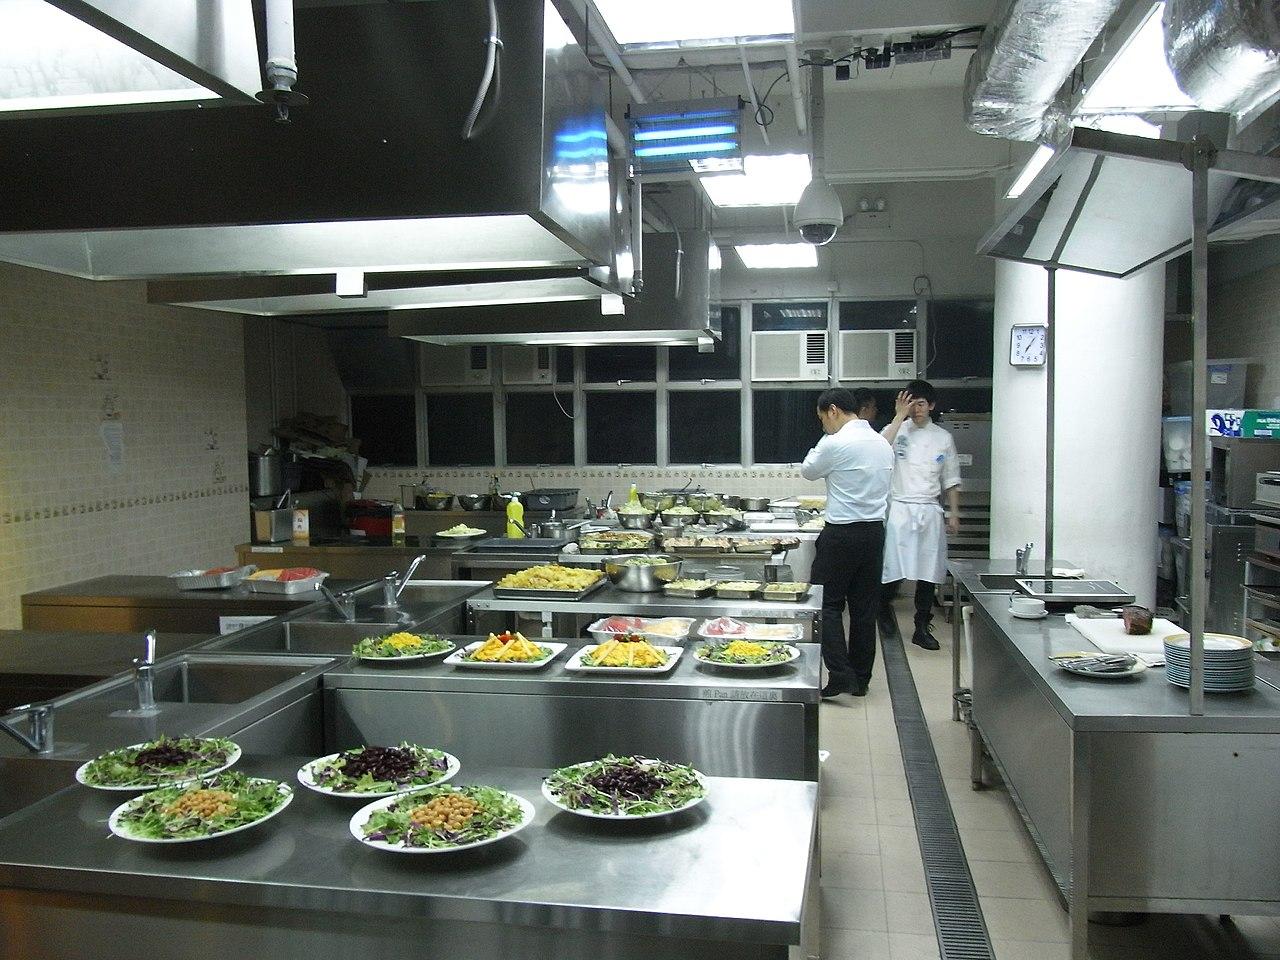 Restaurant Kitchen Work Table Sation